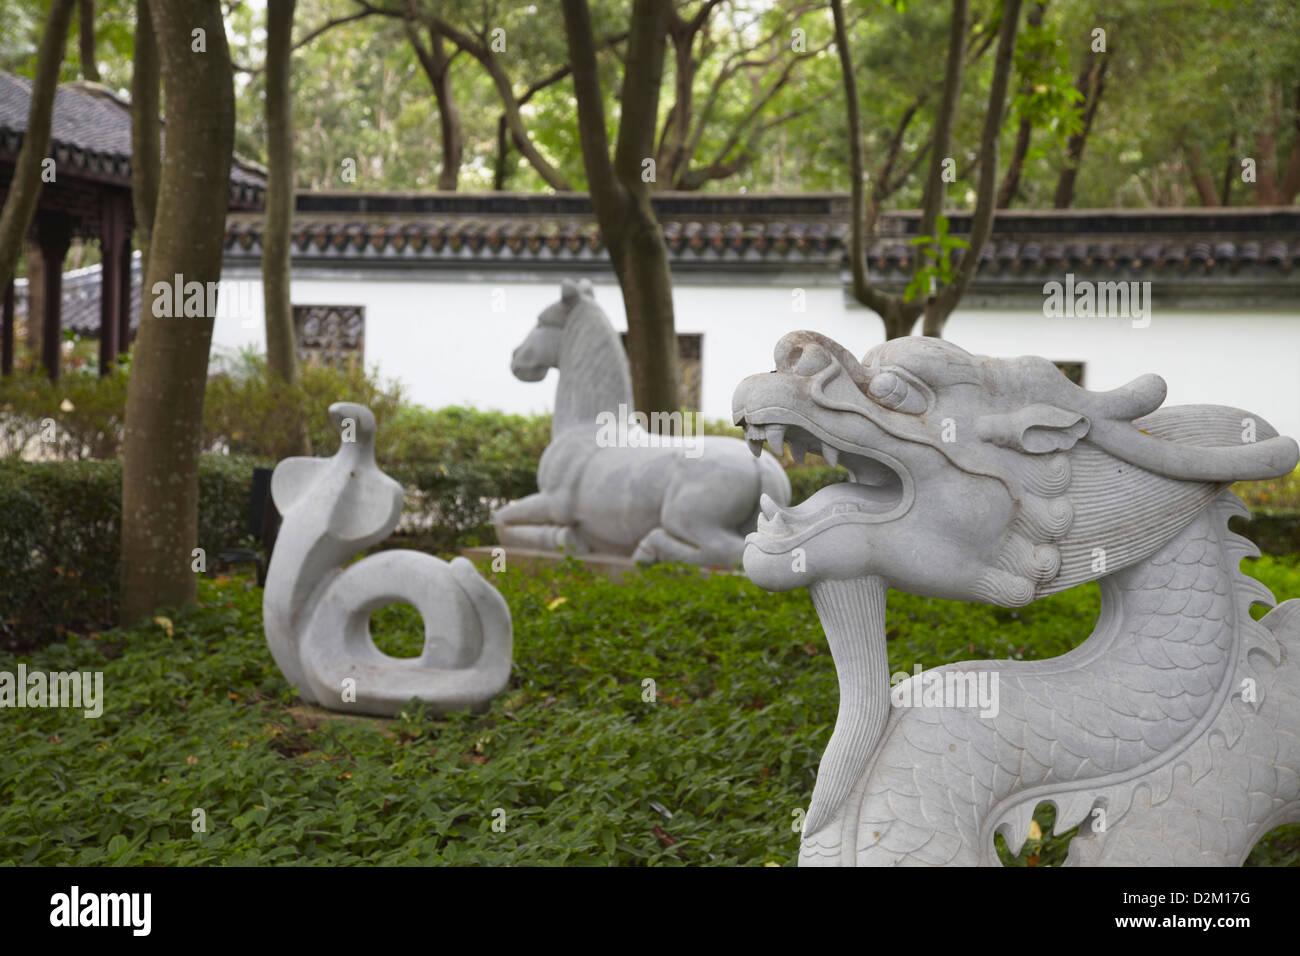 Compatibilità con la datazione dello zodiaco cinese